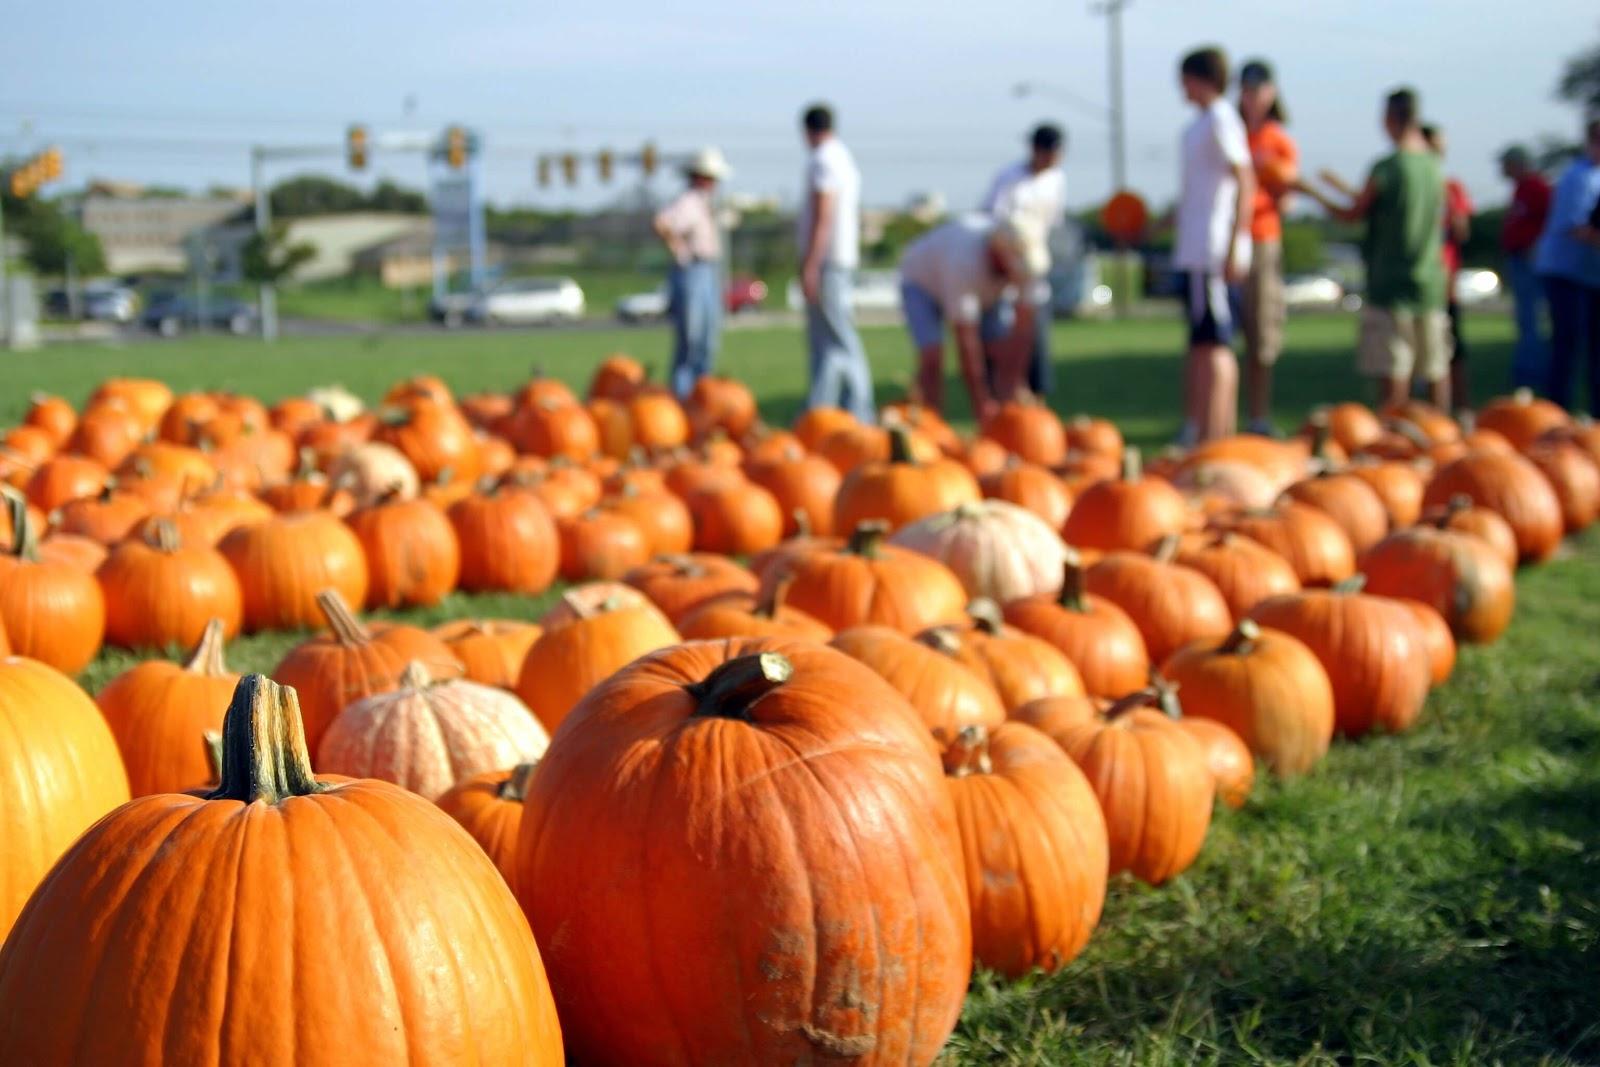 family friendly harvest festival event